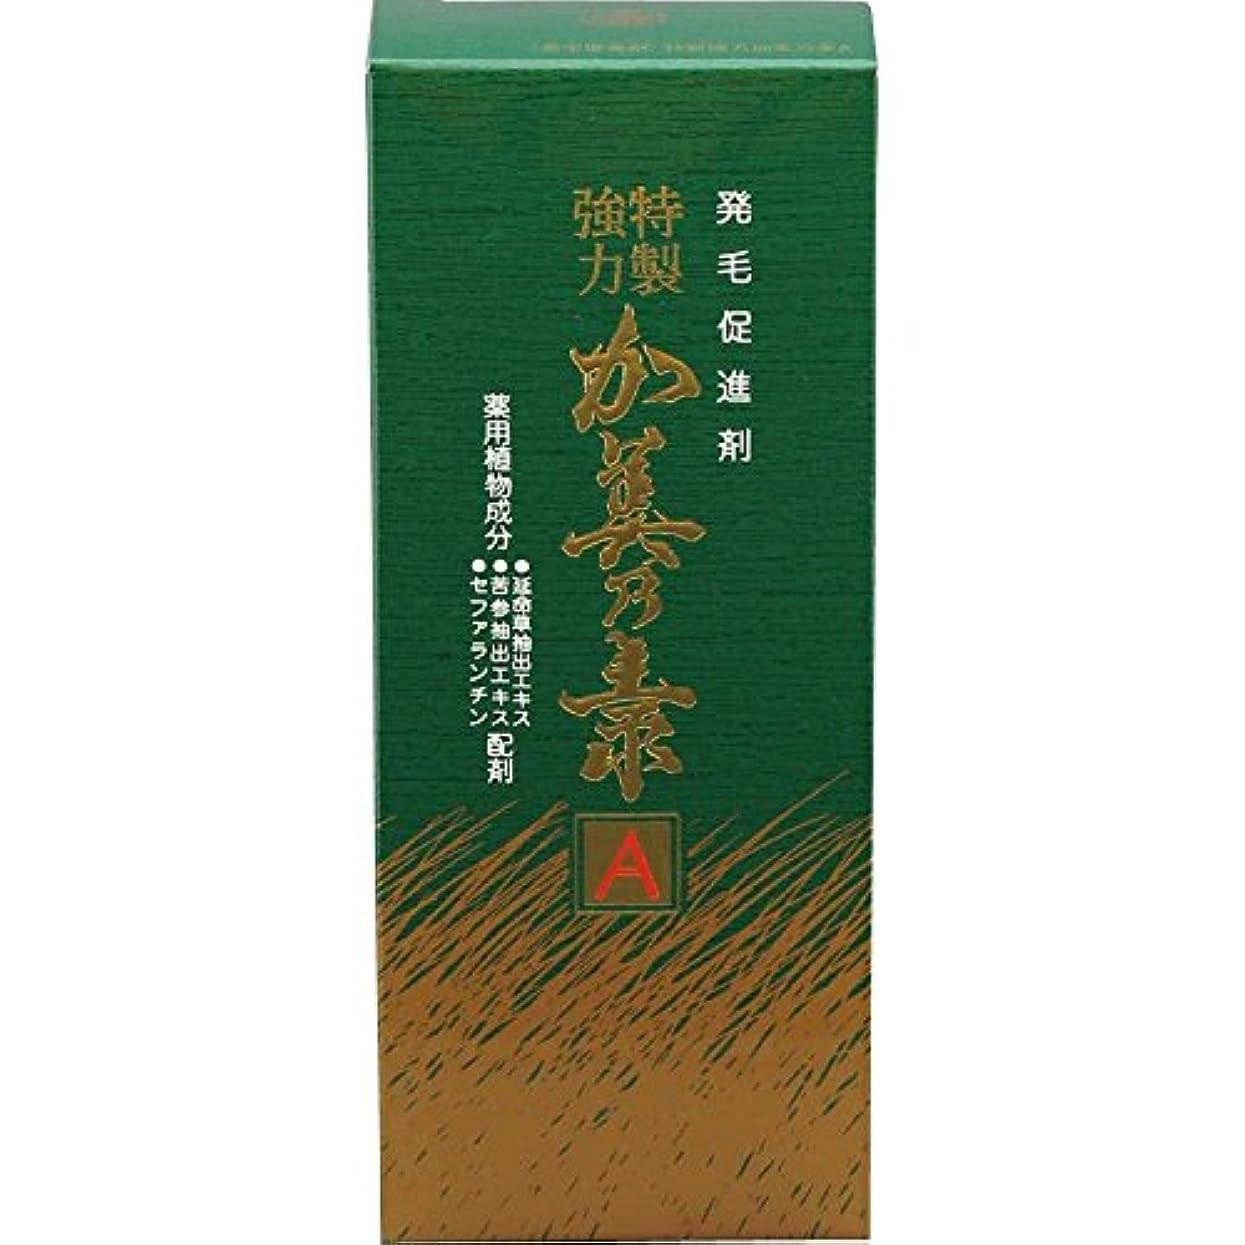 ミュートシャーロックホームズ侵略特製強力加美乃素A フレッシュシトラスの香り 180mL×6個